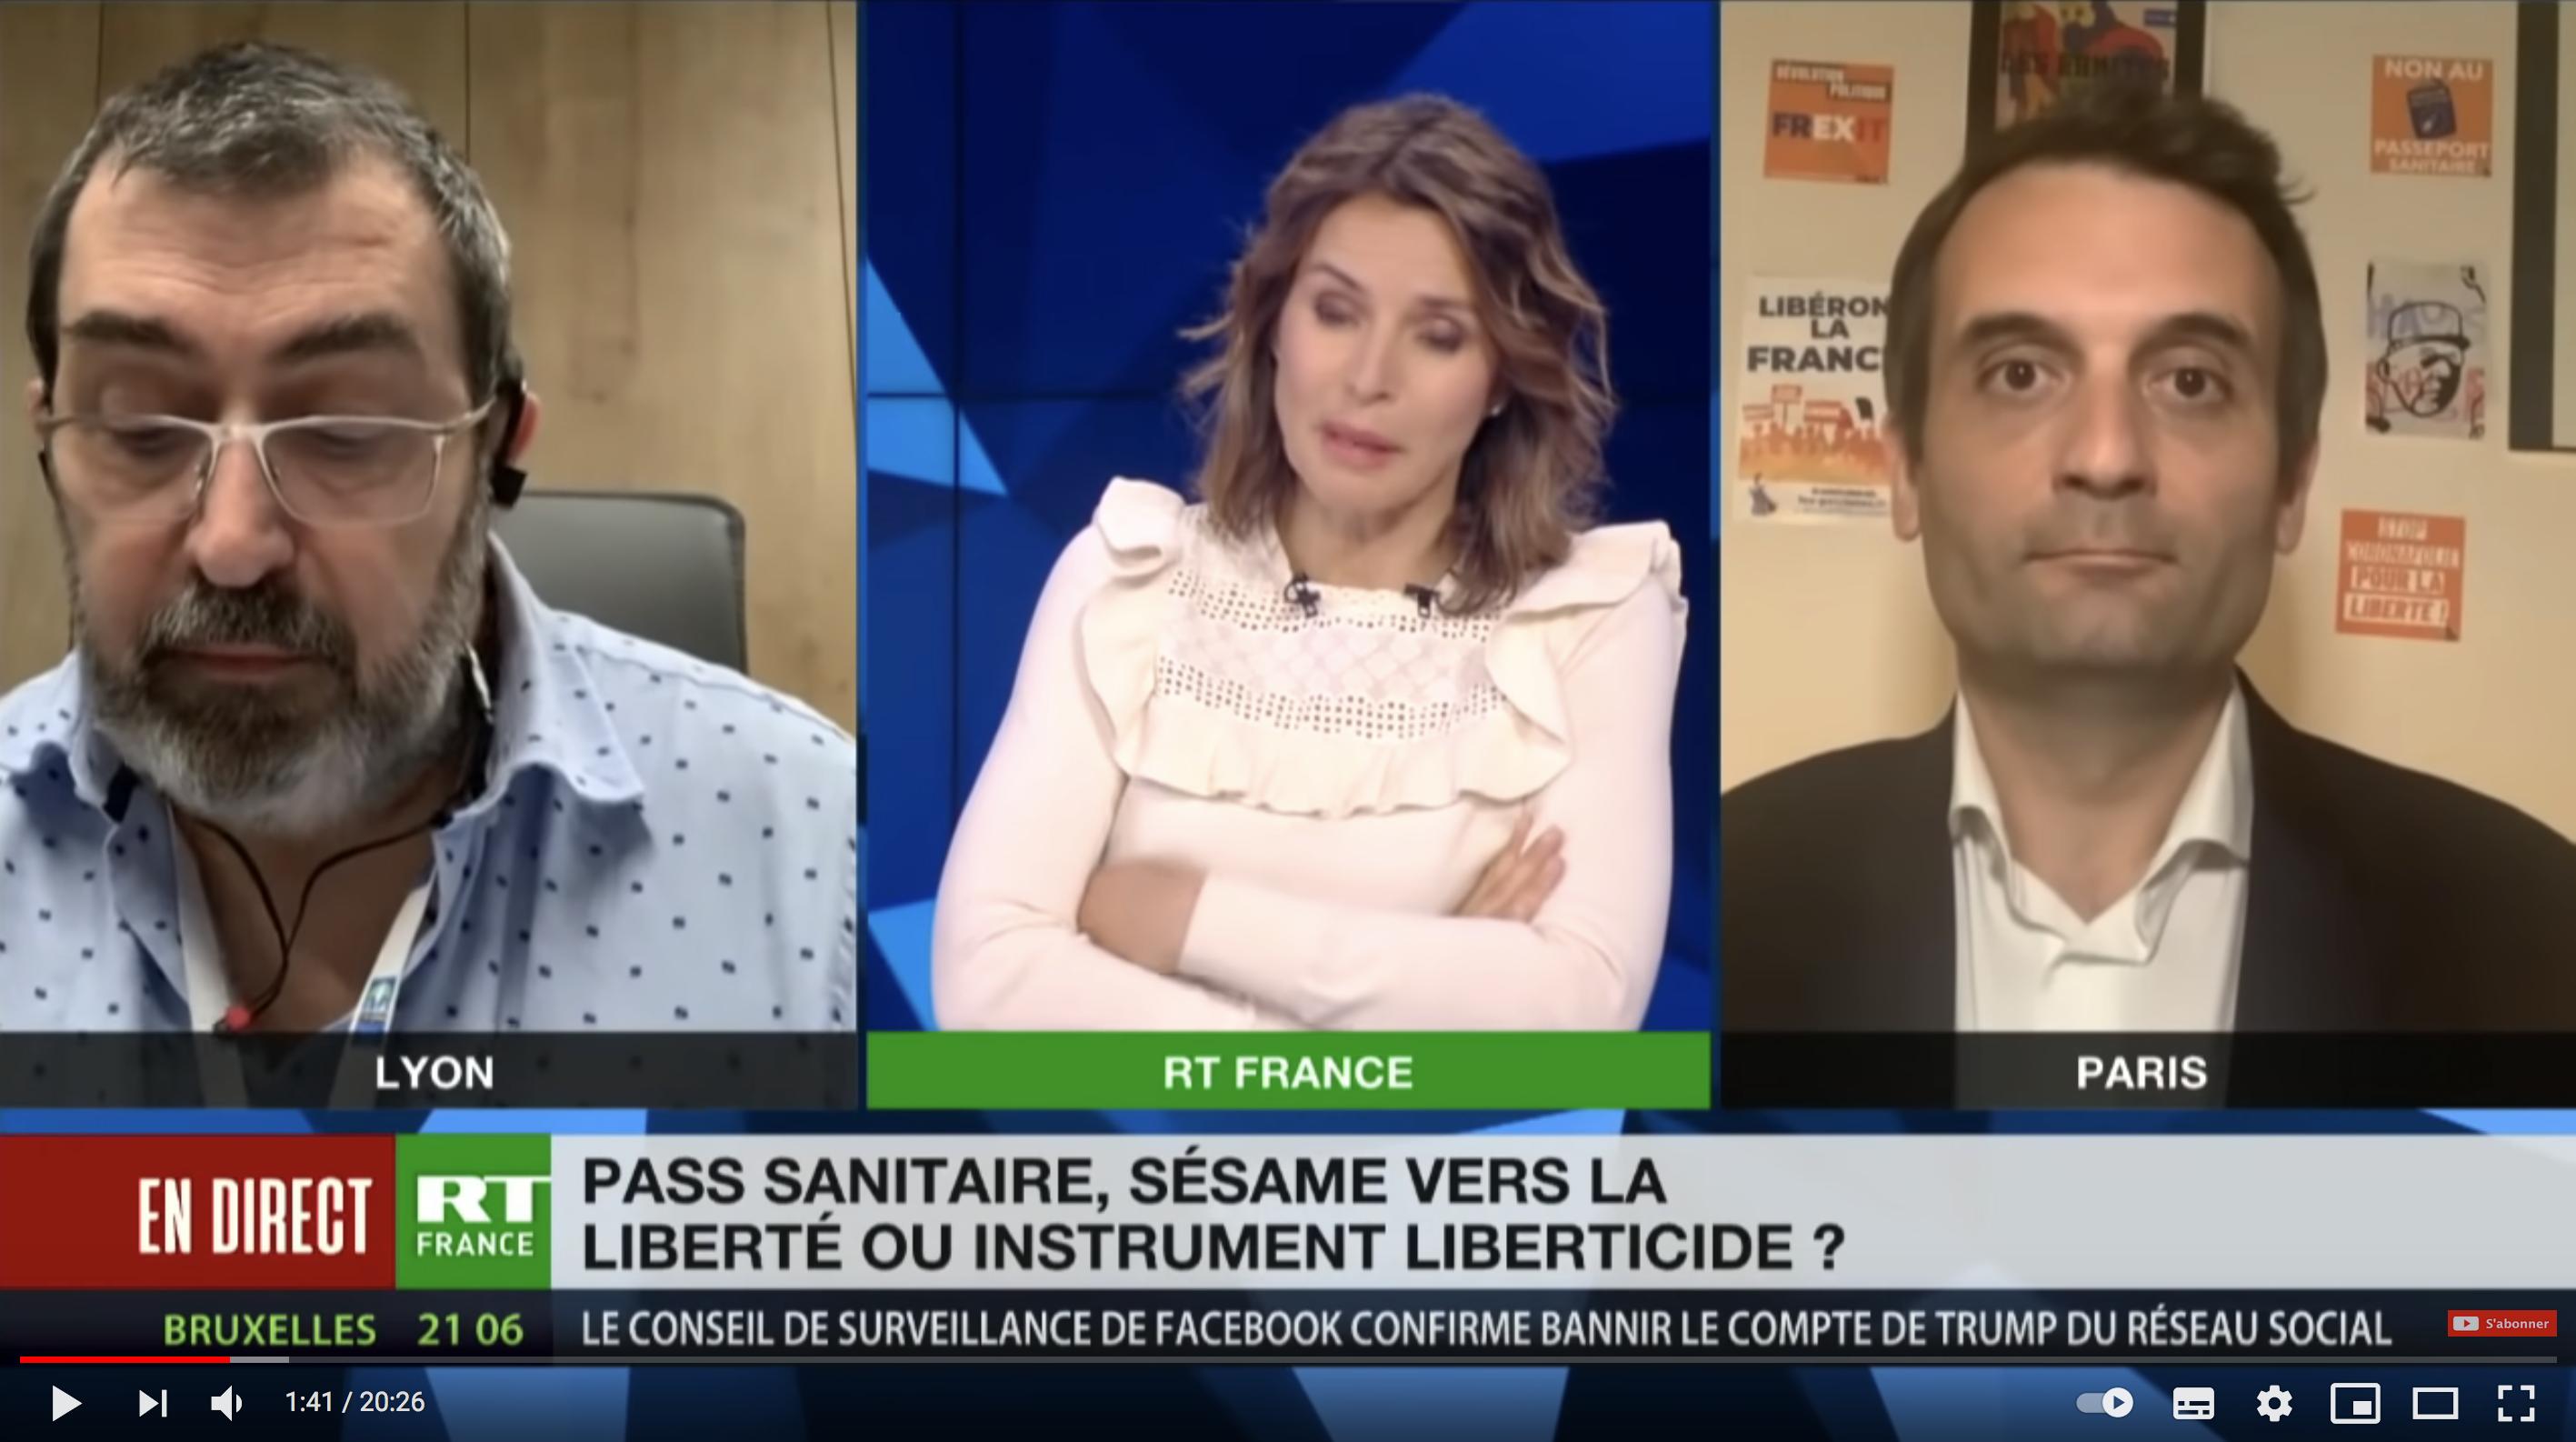 Pass sanitaire : sésame vers la liberté ou instrument liberticide ? Florian Philippot VS Pierre-Jean Ternamian (DÉBAT)